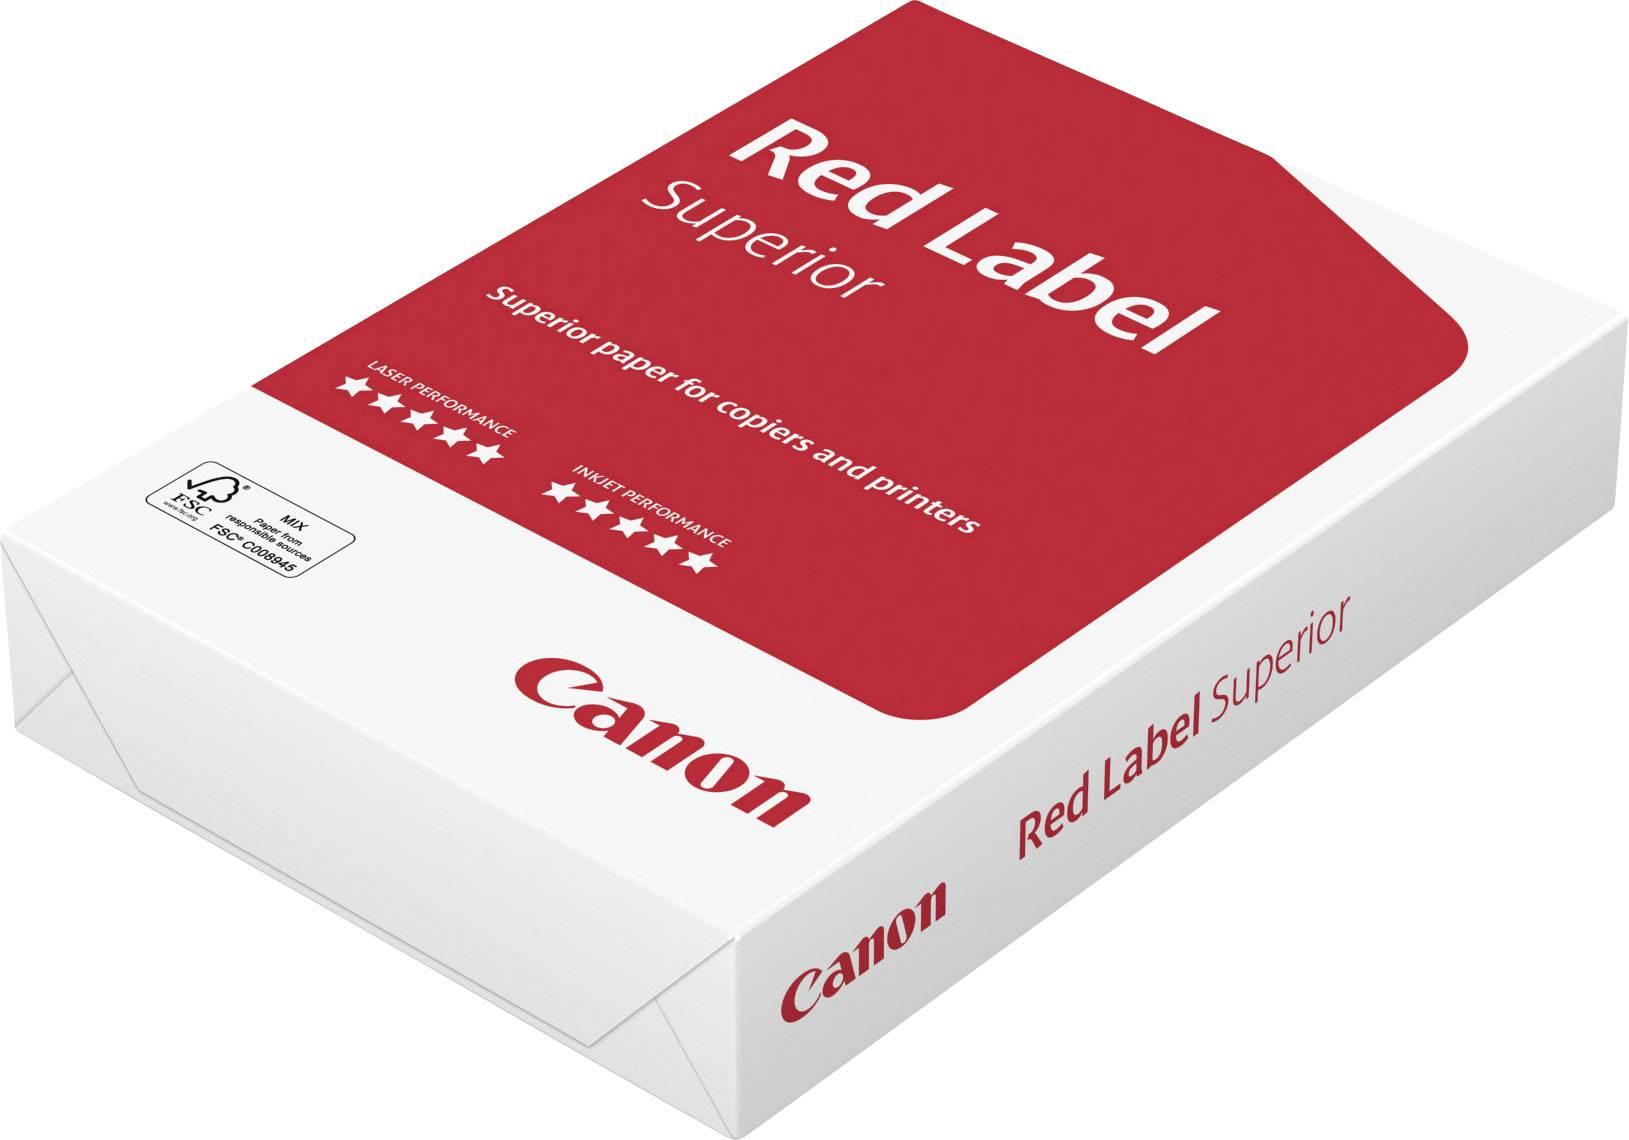 Univerzálny papier do tlačiarne Canon Red Label, 99822554 A4, 80 gm², 500 listov